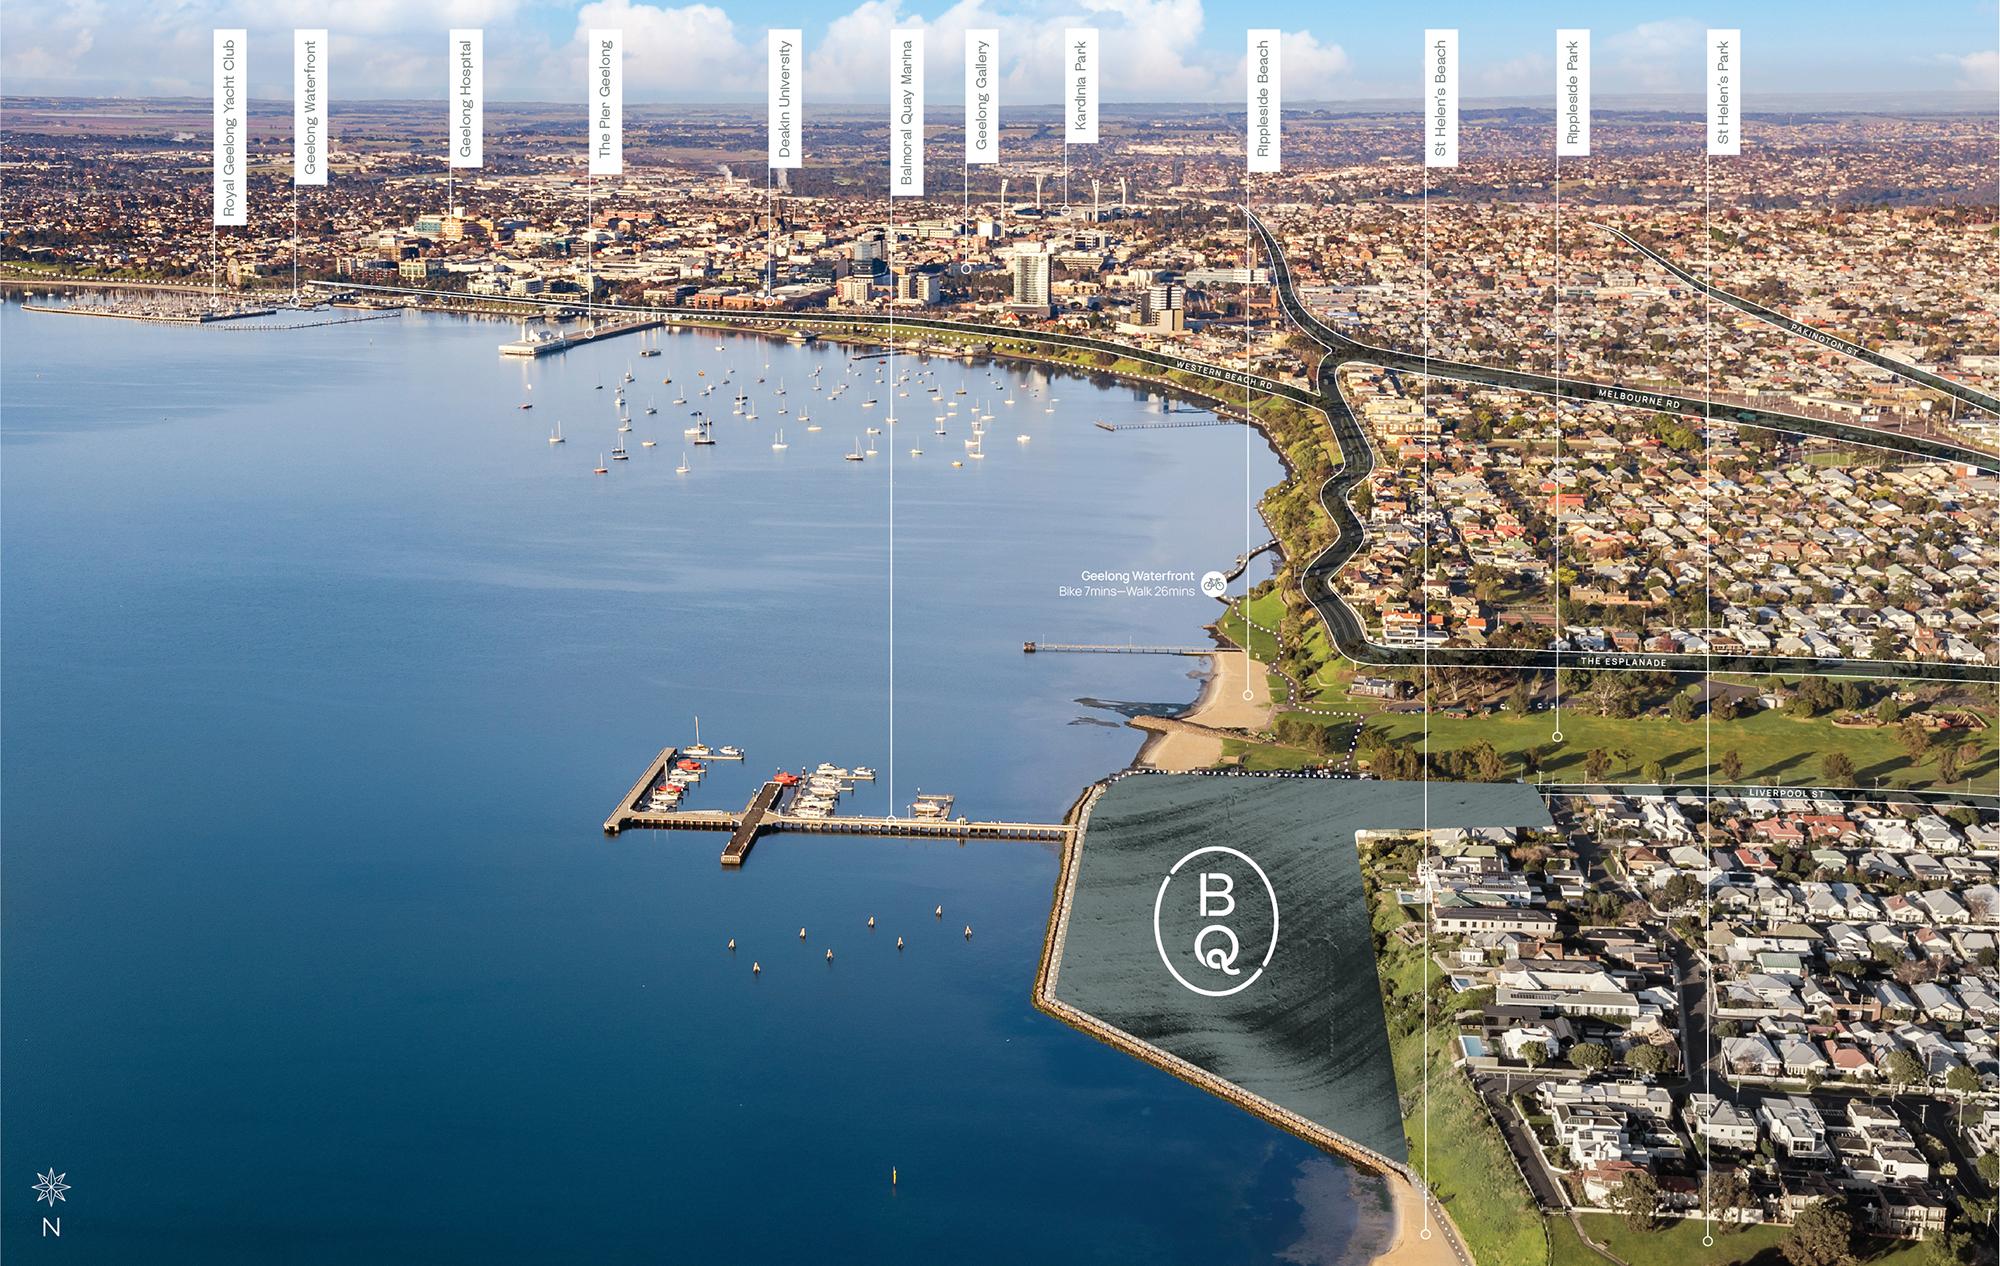 https://balmoralquay.com.au/wp-content/uploads/2020/10/BQUAY0005-Balmoral-Quay-Aerial-V2_WEB.jpg